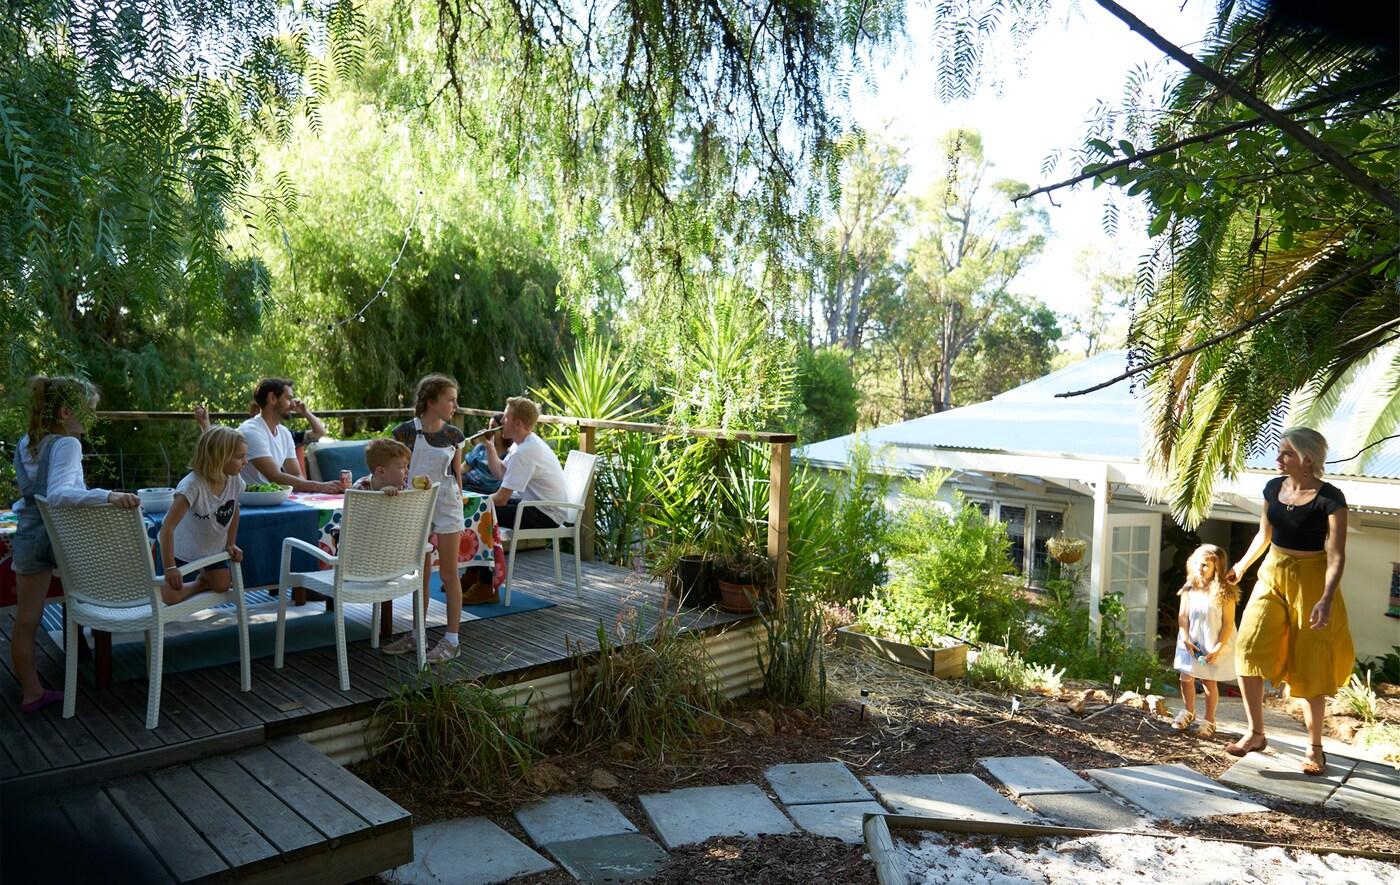 Grupo de personas sentadas alrededor de una mesa en una terraza elevada en un jardín con plantas y losetas.